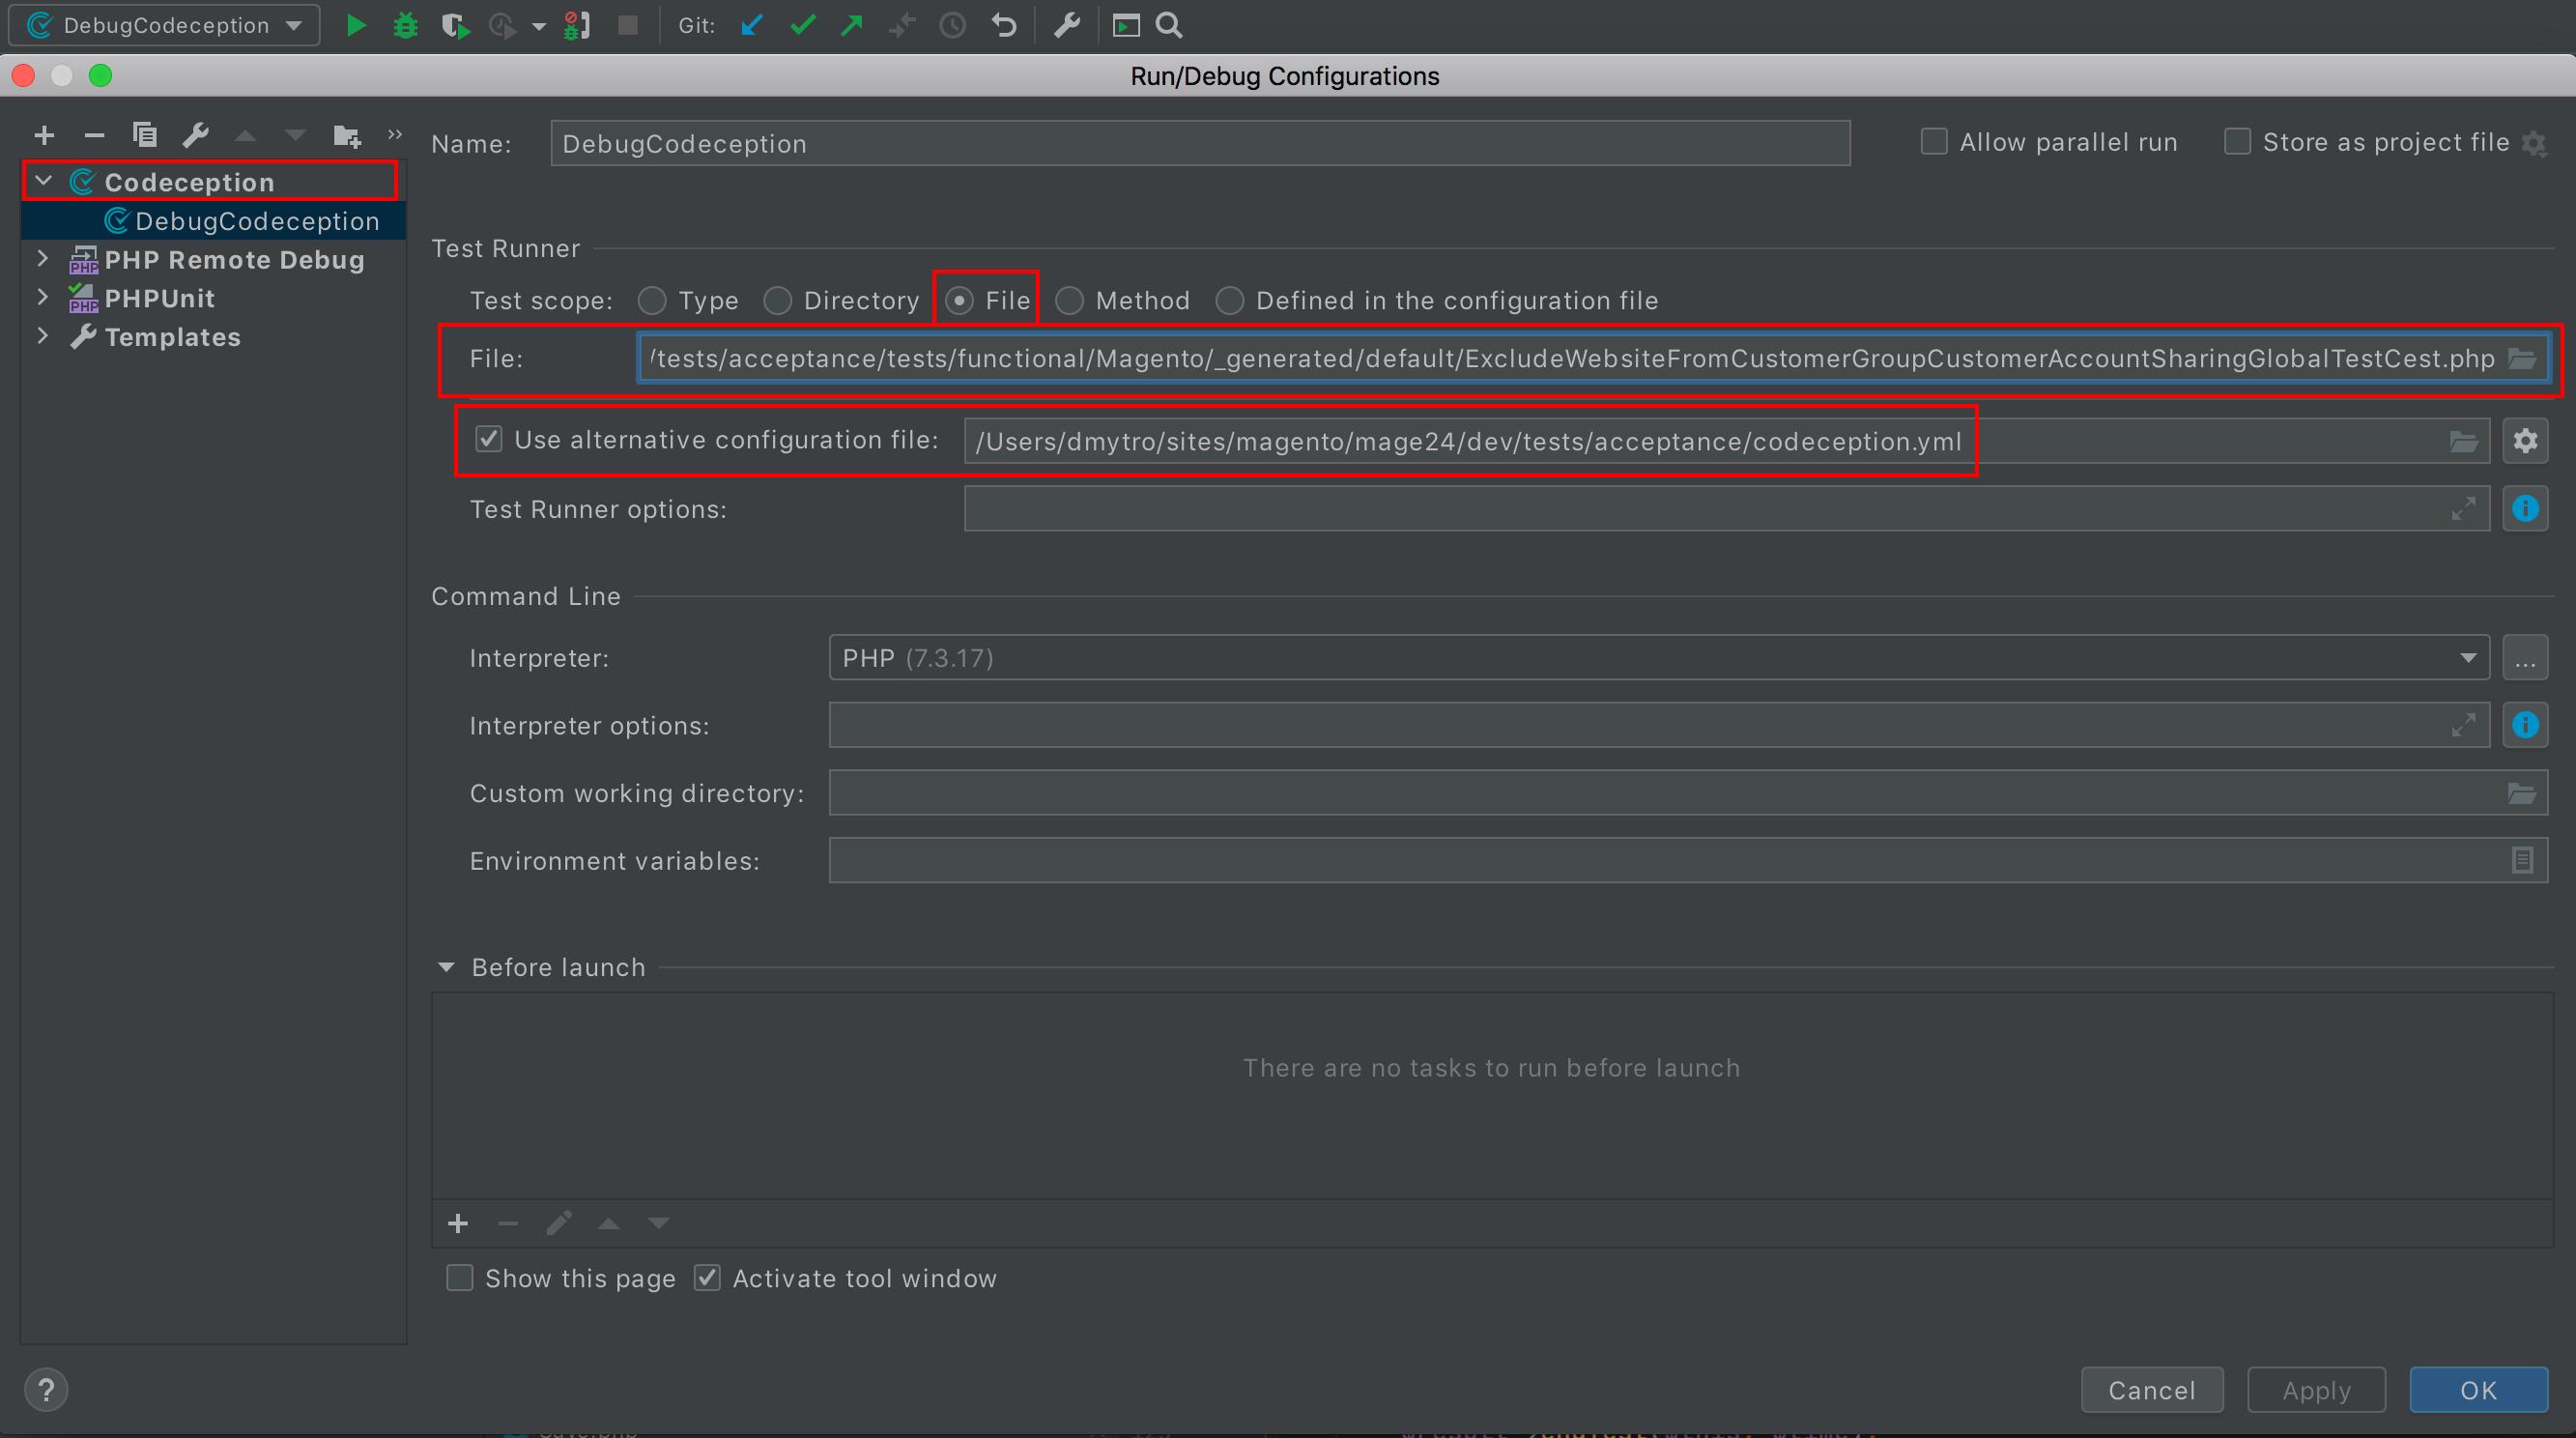 Codeception debug configuration